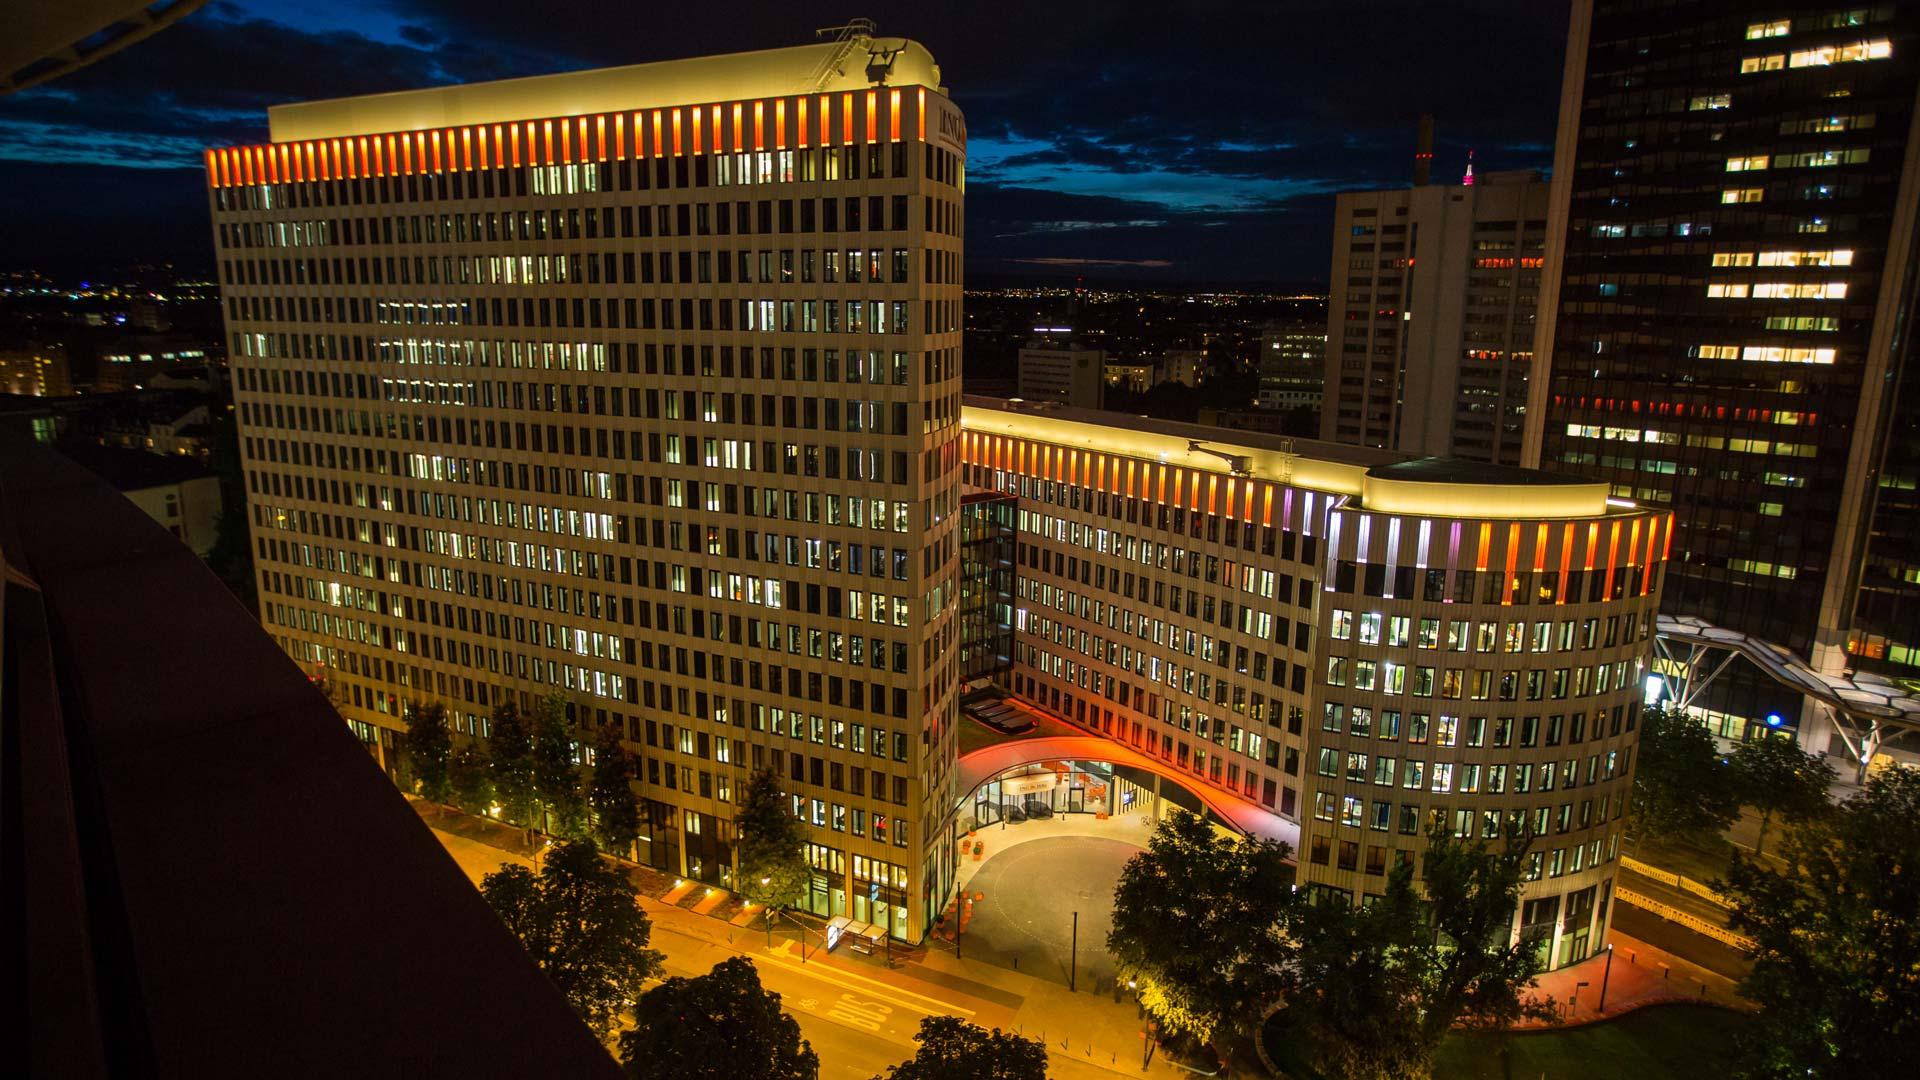 """MAASS-Lichtplanung_Fassadenbeleuchtung ING-DiBa AG Headquarter """"LEO""""__MAASS-LEO-Attikabeleuchtung-009"""